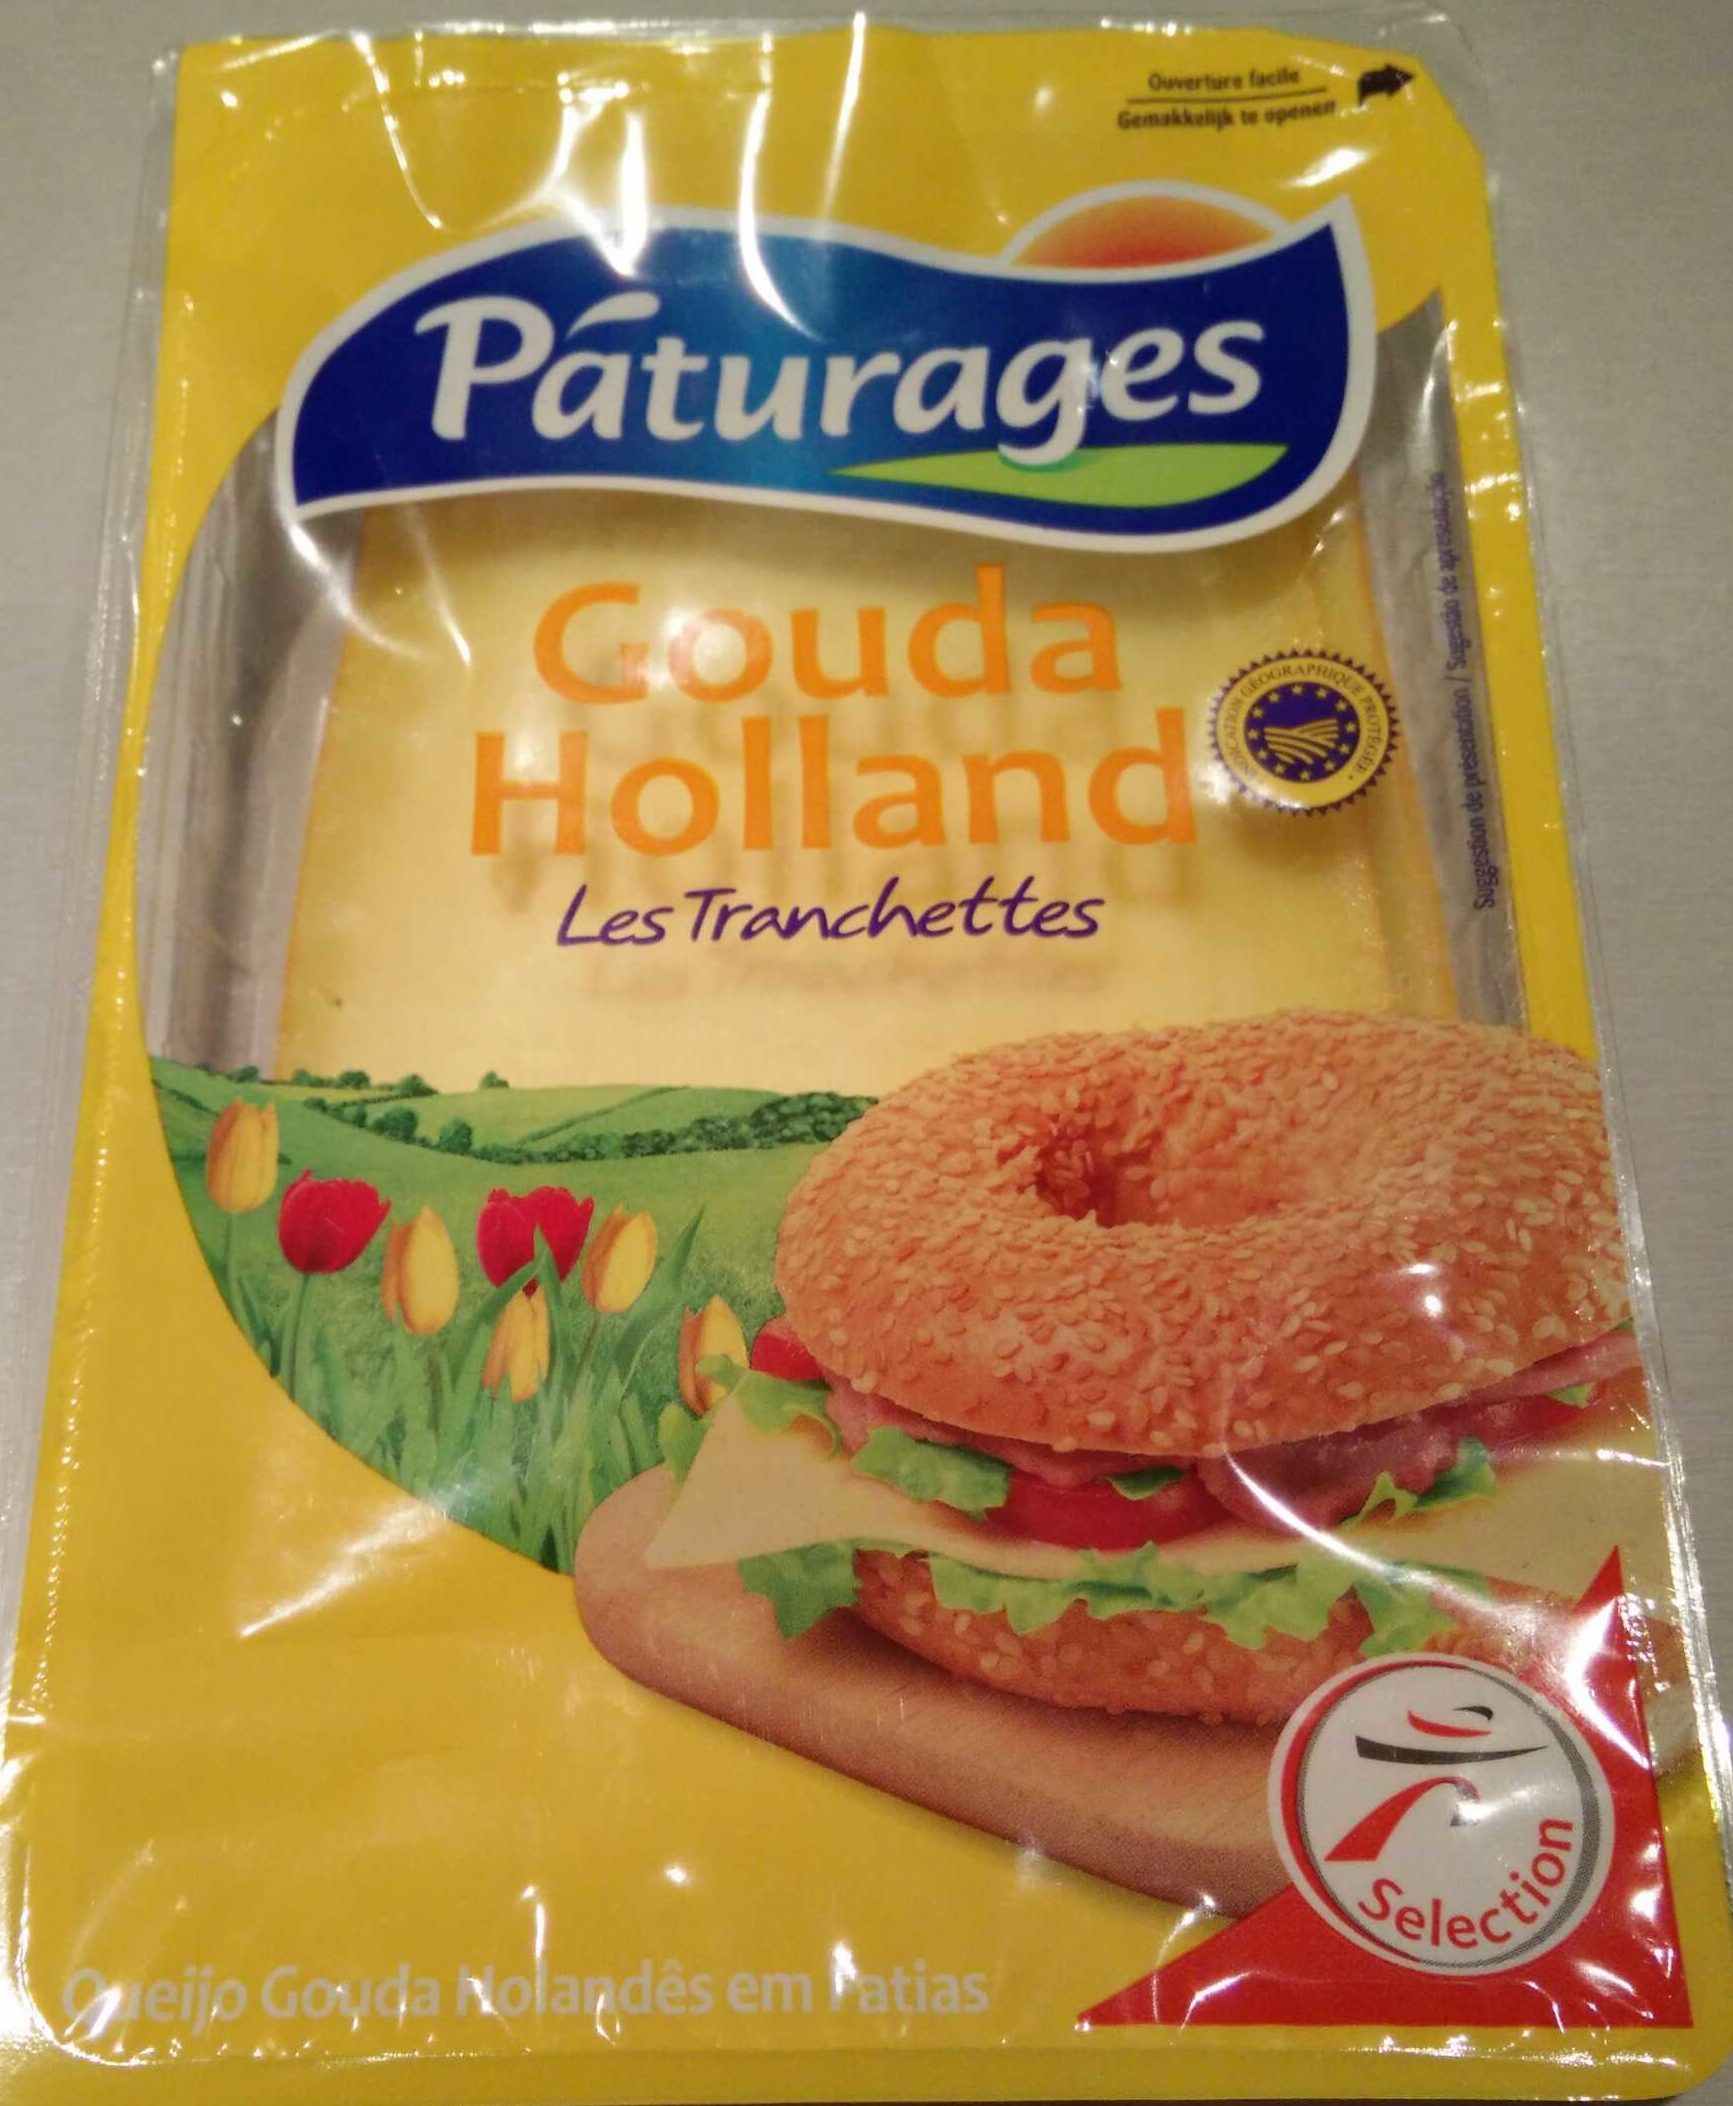 Gouda Holland les tranchettes (30 % M.G.) - Produit